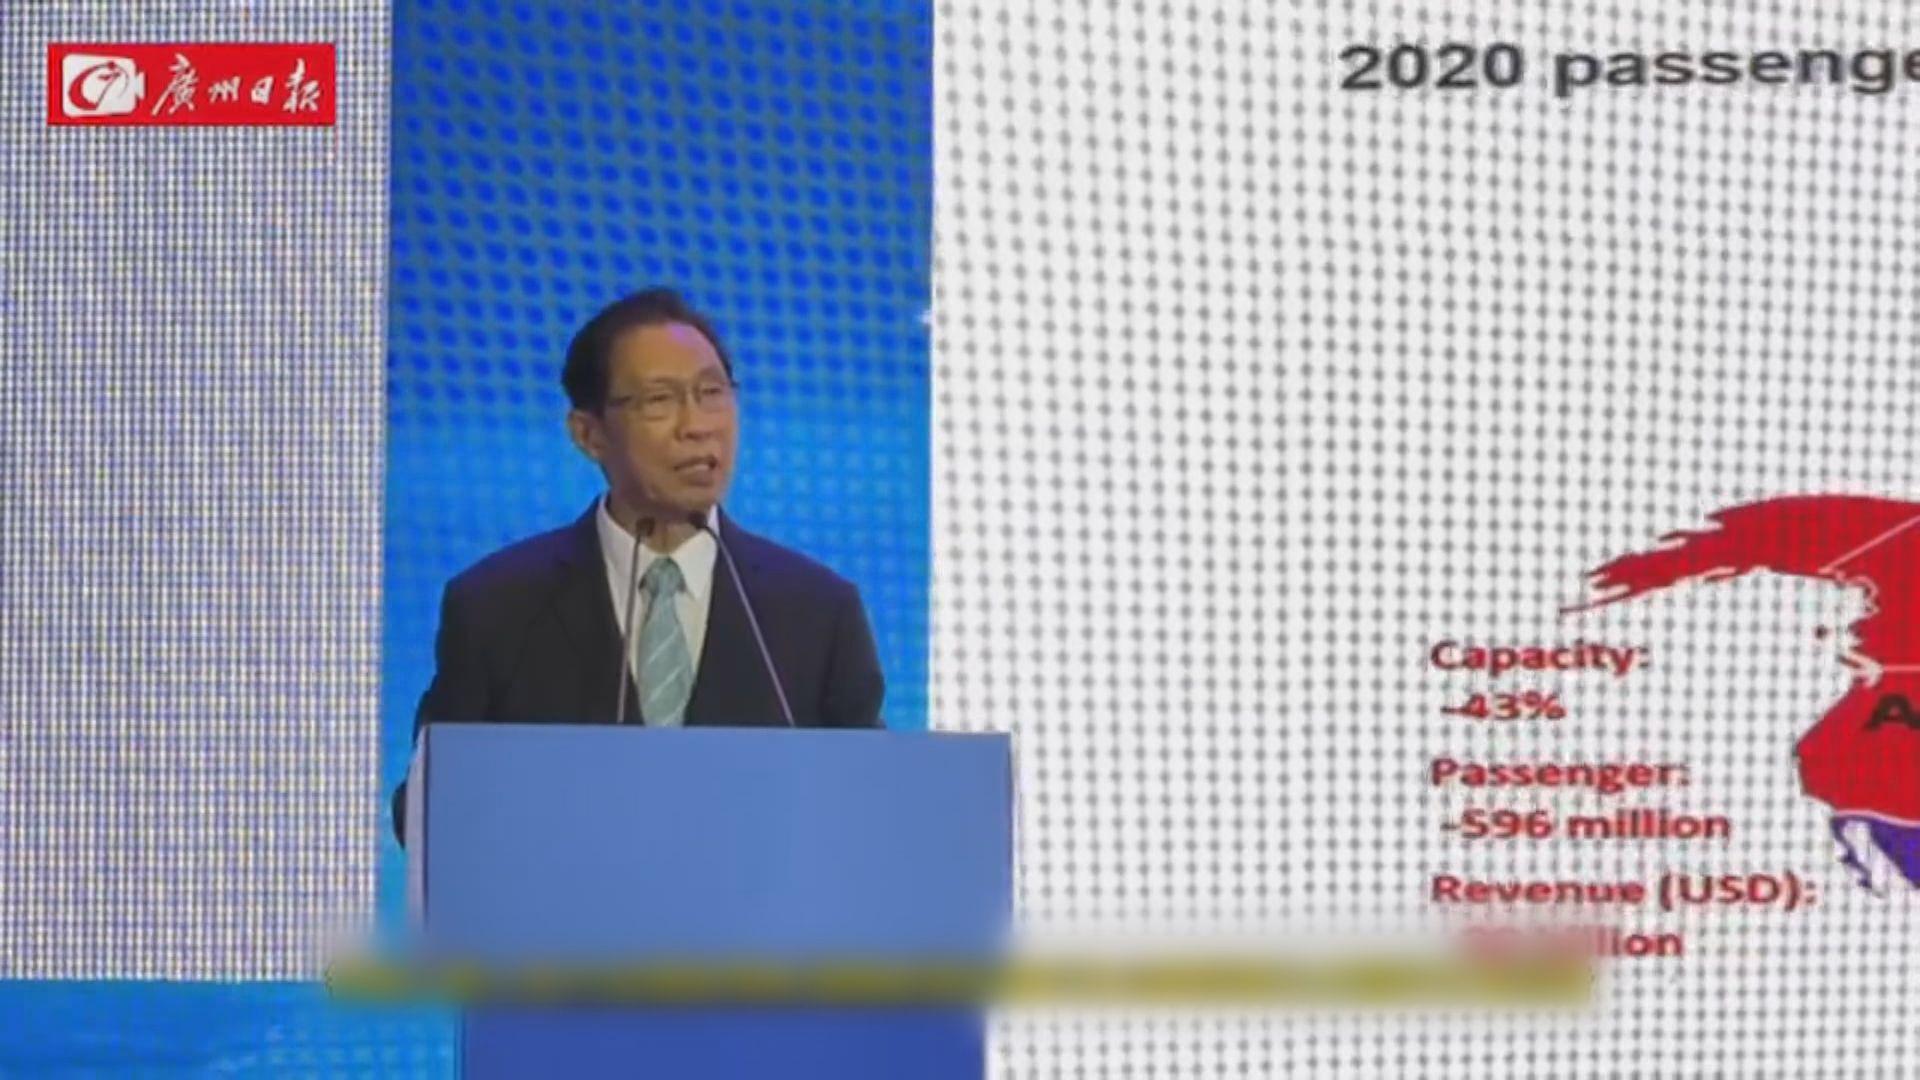 鍾南山:實現群體免疫需七至八成接種率 是艱巨任務